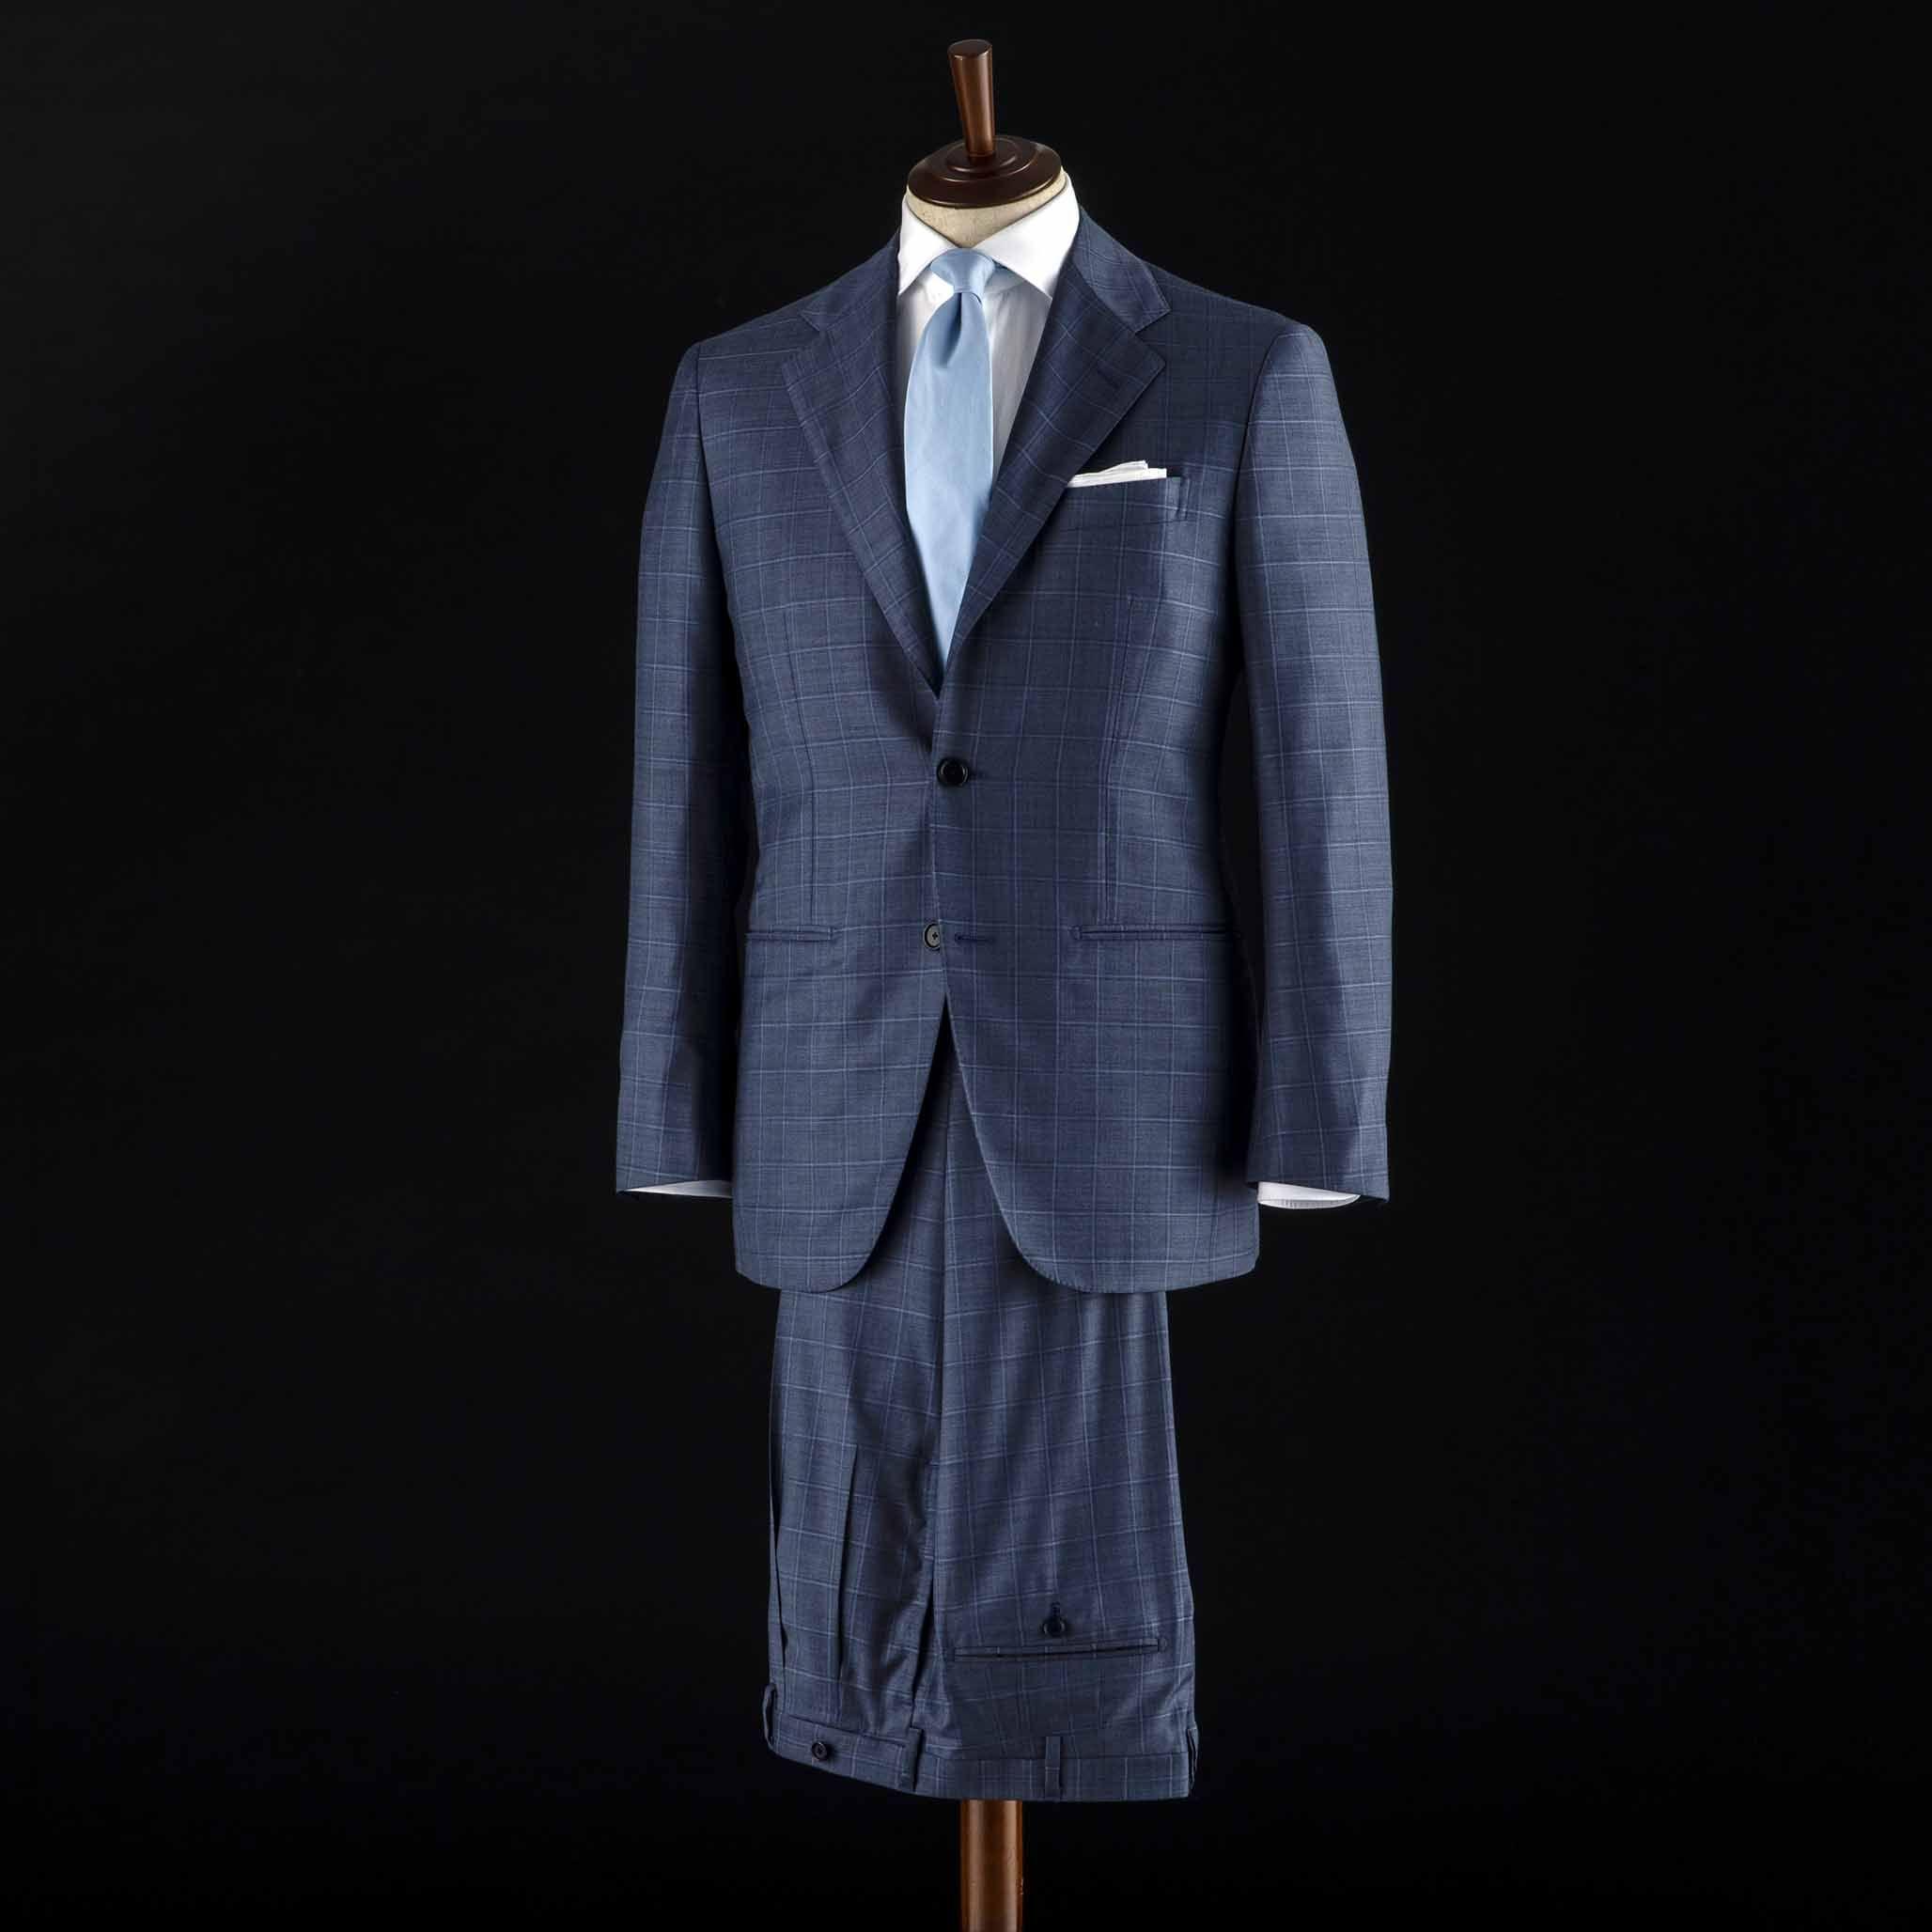 【7】個性を主張するならセレクトショップのオリジナルスーツを!